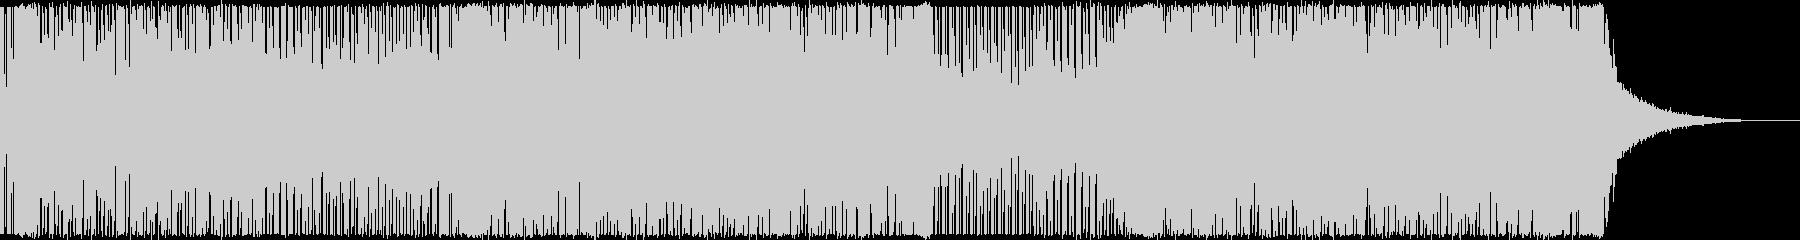 バトル風4つ打ちテクノミュージックの未再生の波形